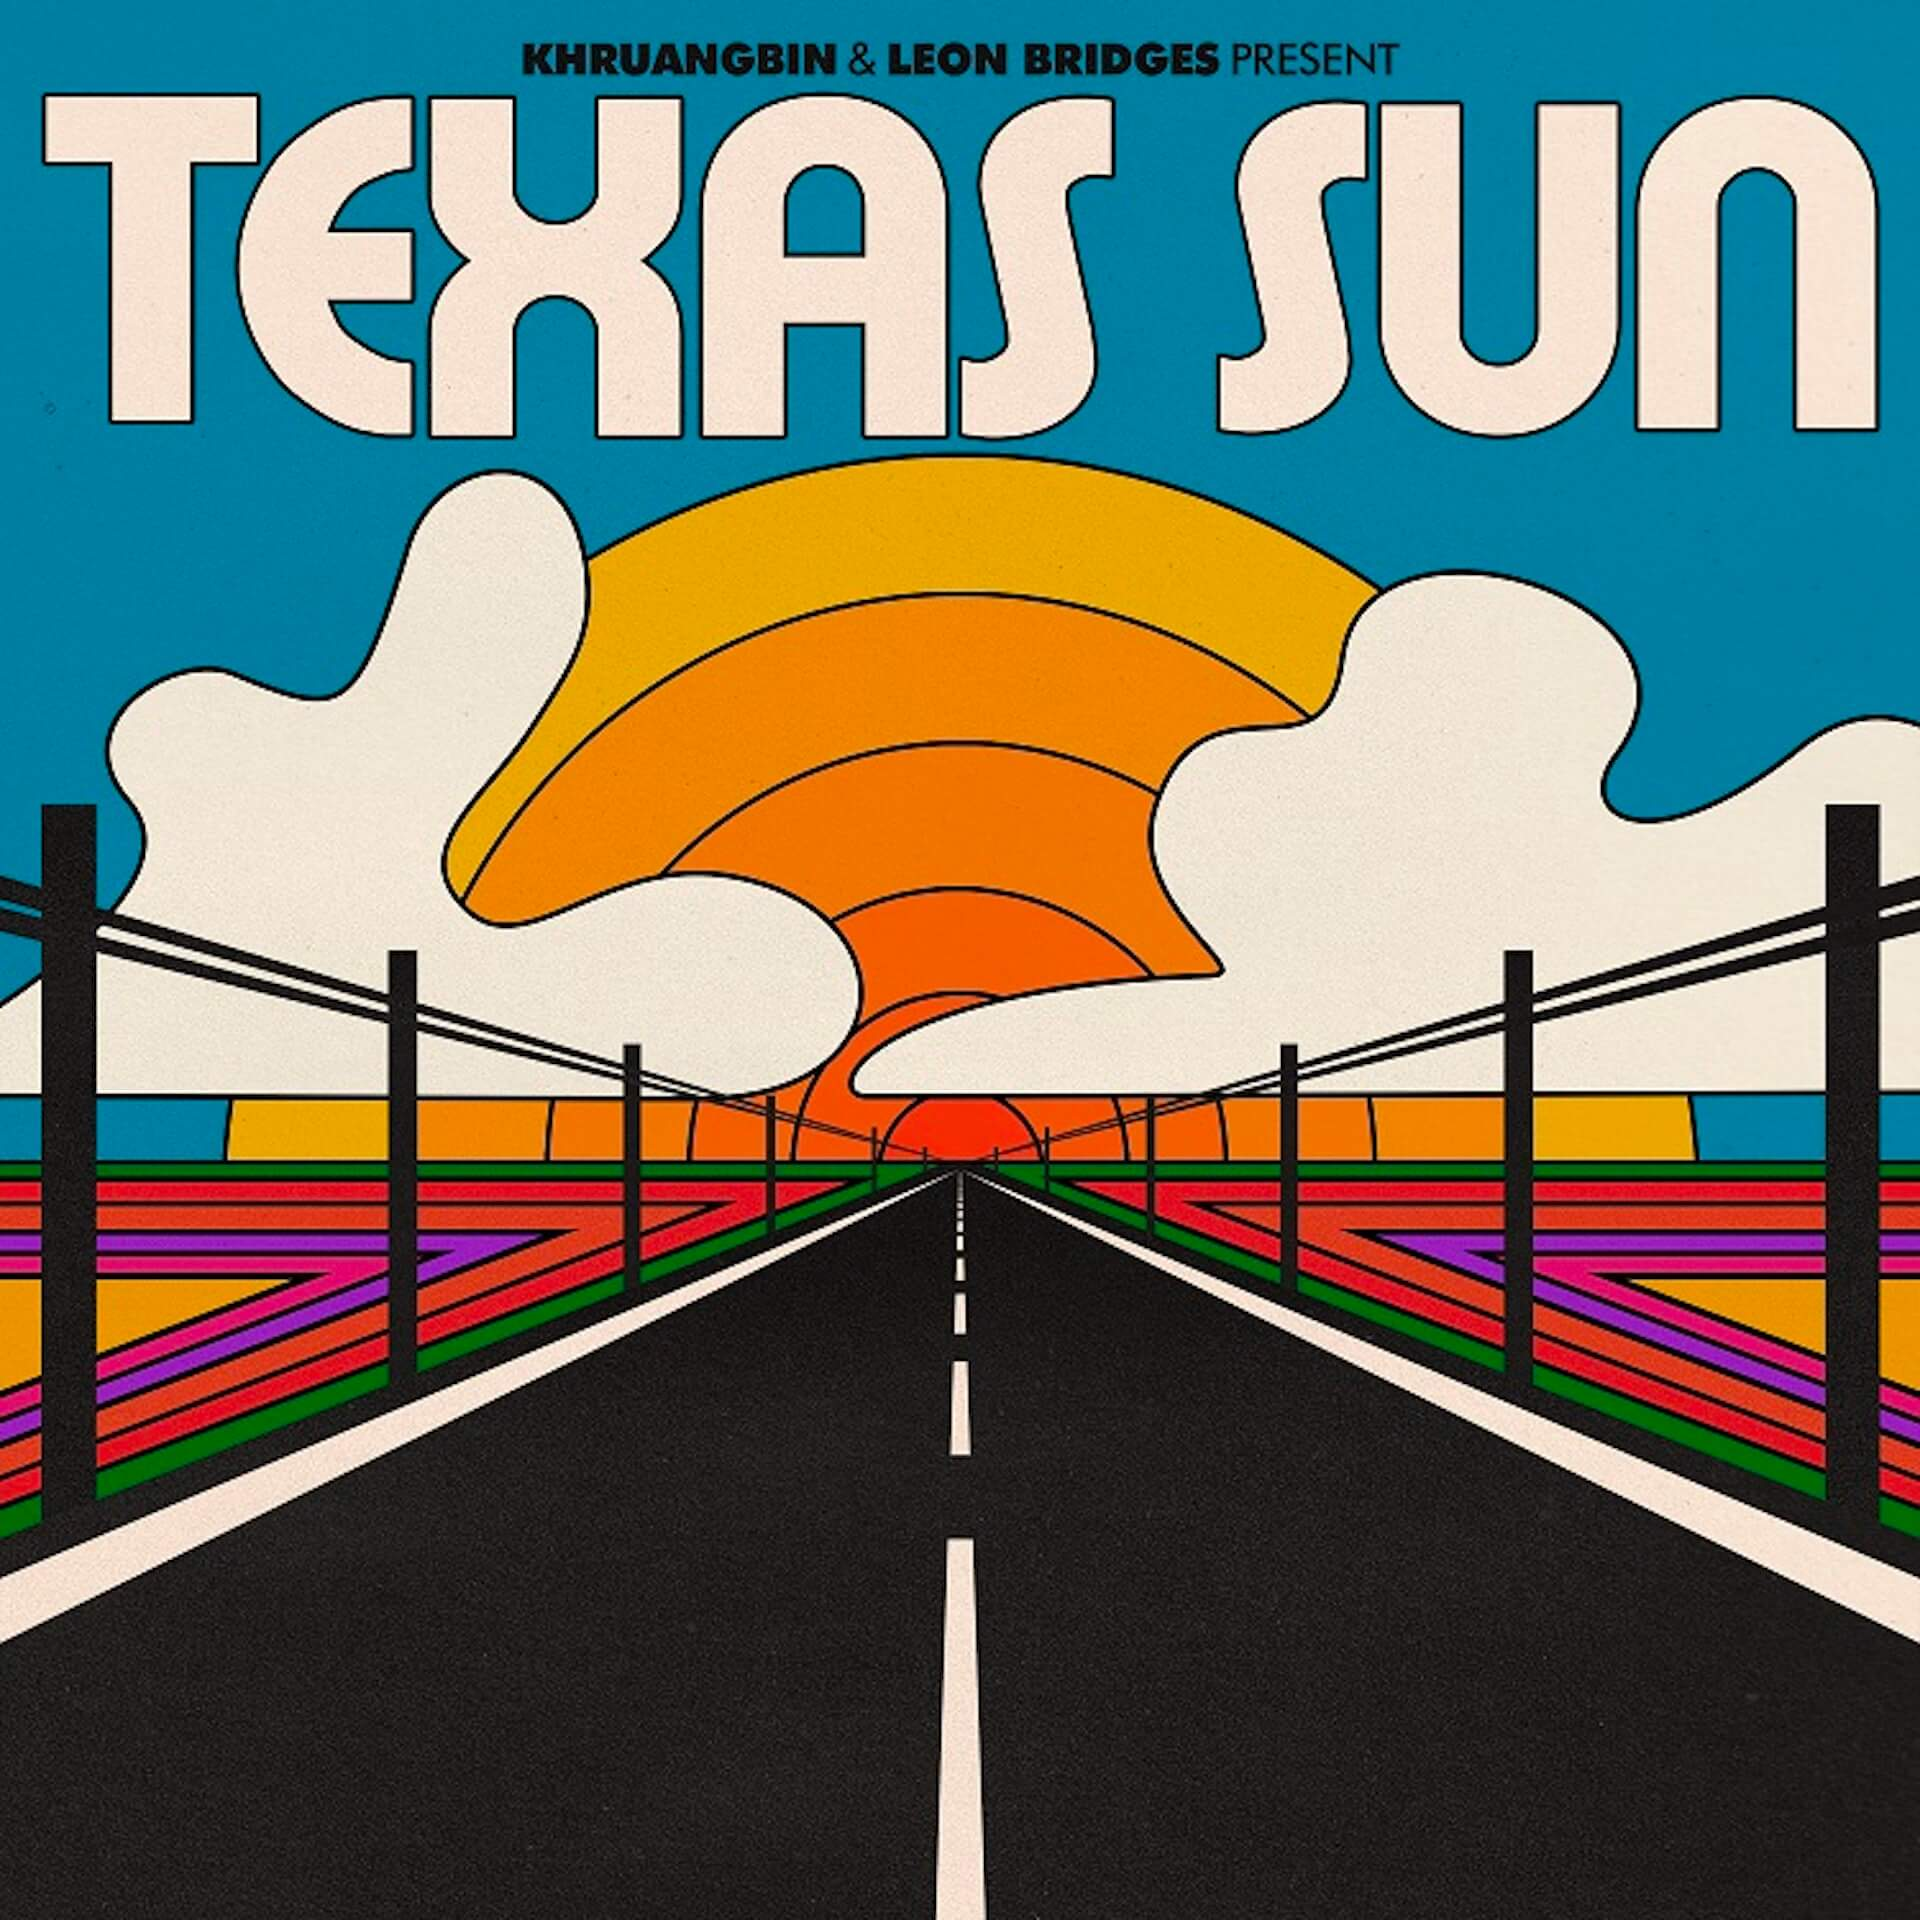 異色のタッグ、クルアンビン&リオン・ブリッジズがコラボEP『Texas Sun』より「C-Side」を公開 music200116_khruangbin_leonbridges_2